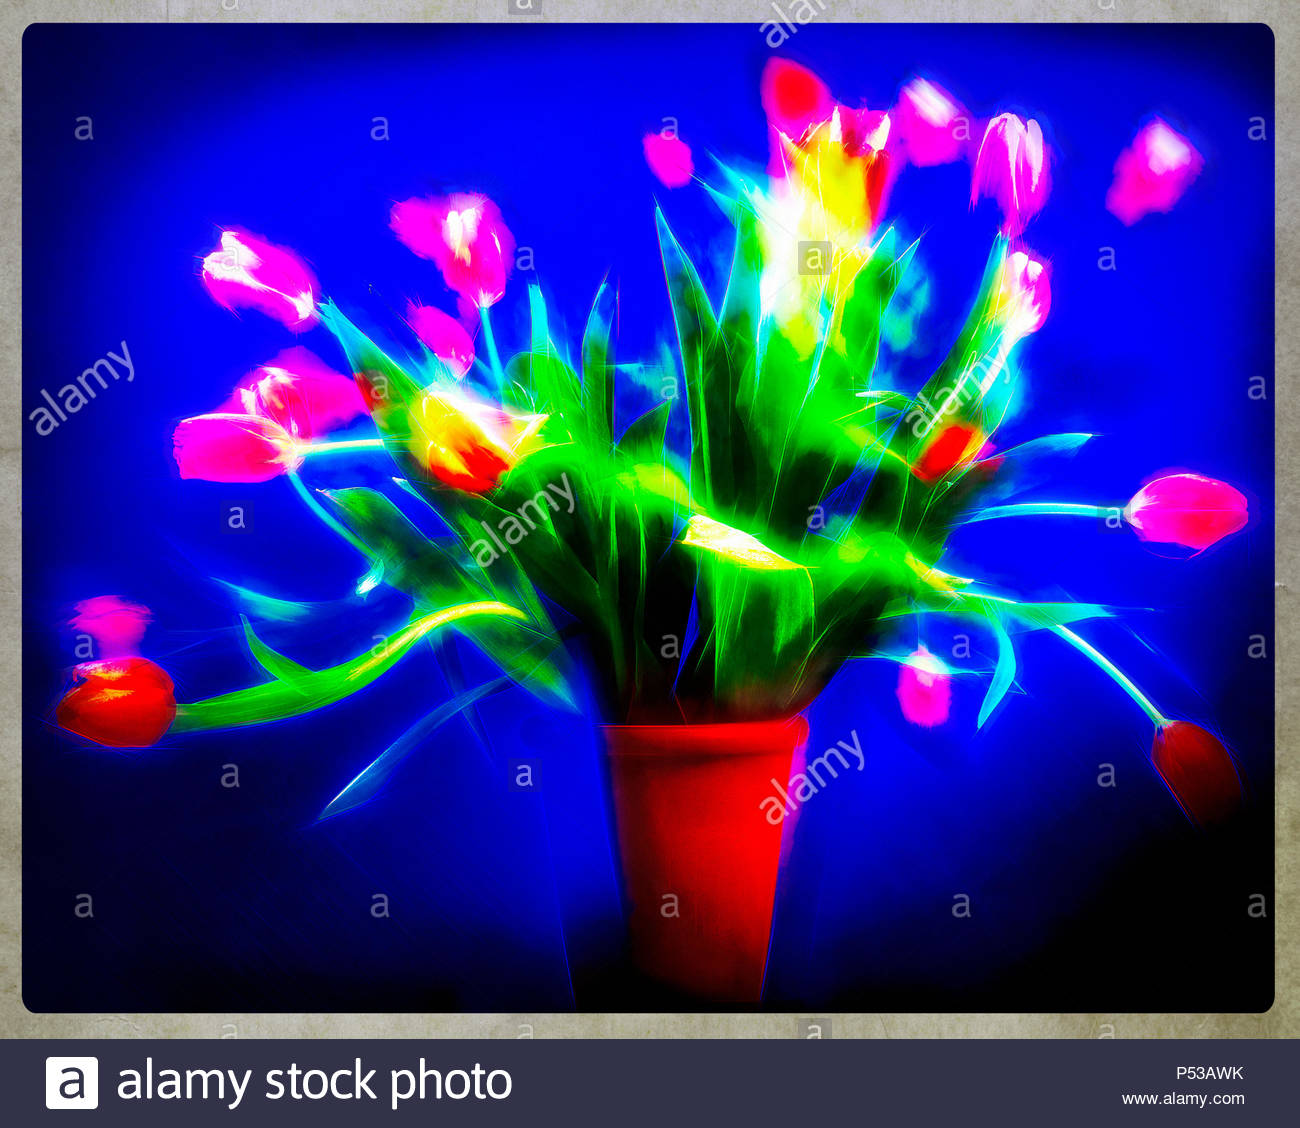 Bildende Kunst: Tulpen für eine Grußkarte Design Stockbild